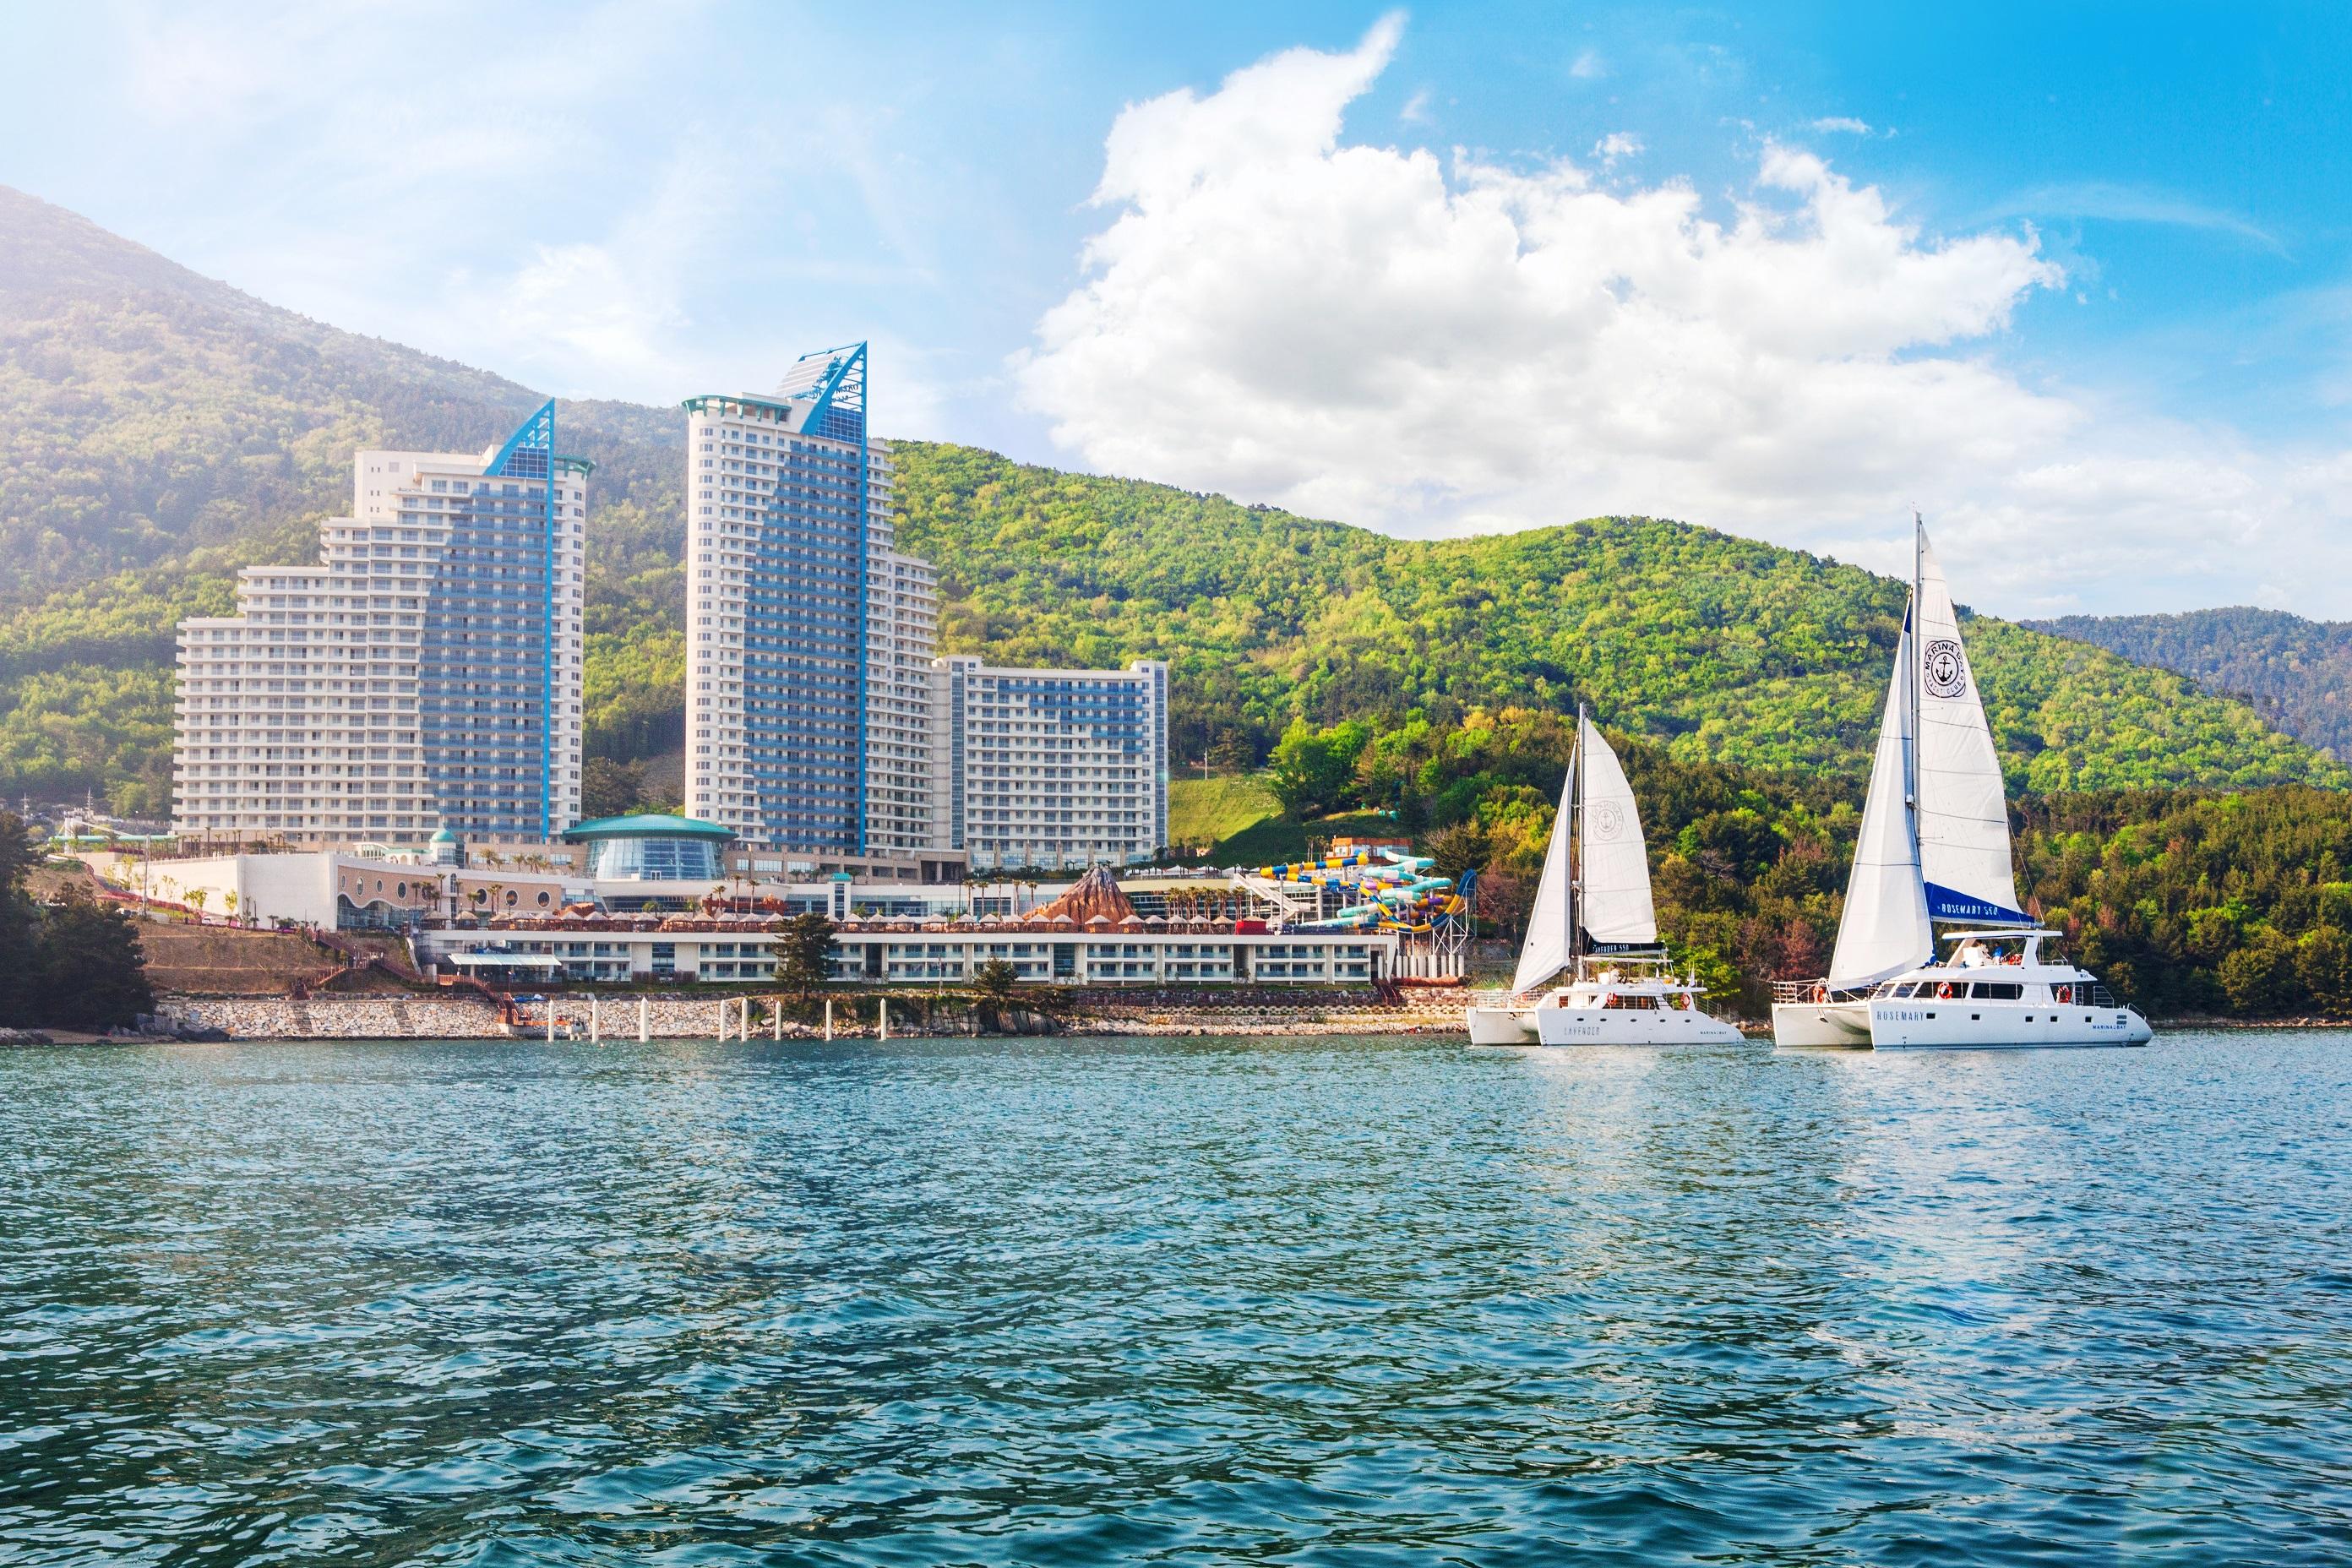 Daemyung Resort Geoje Marina